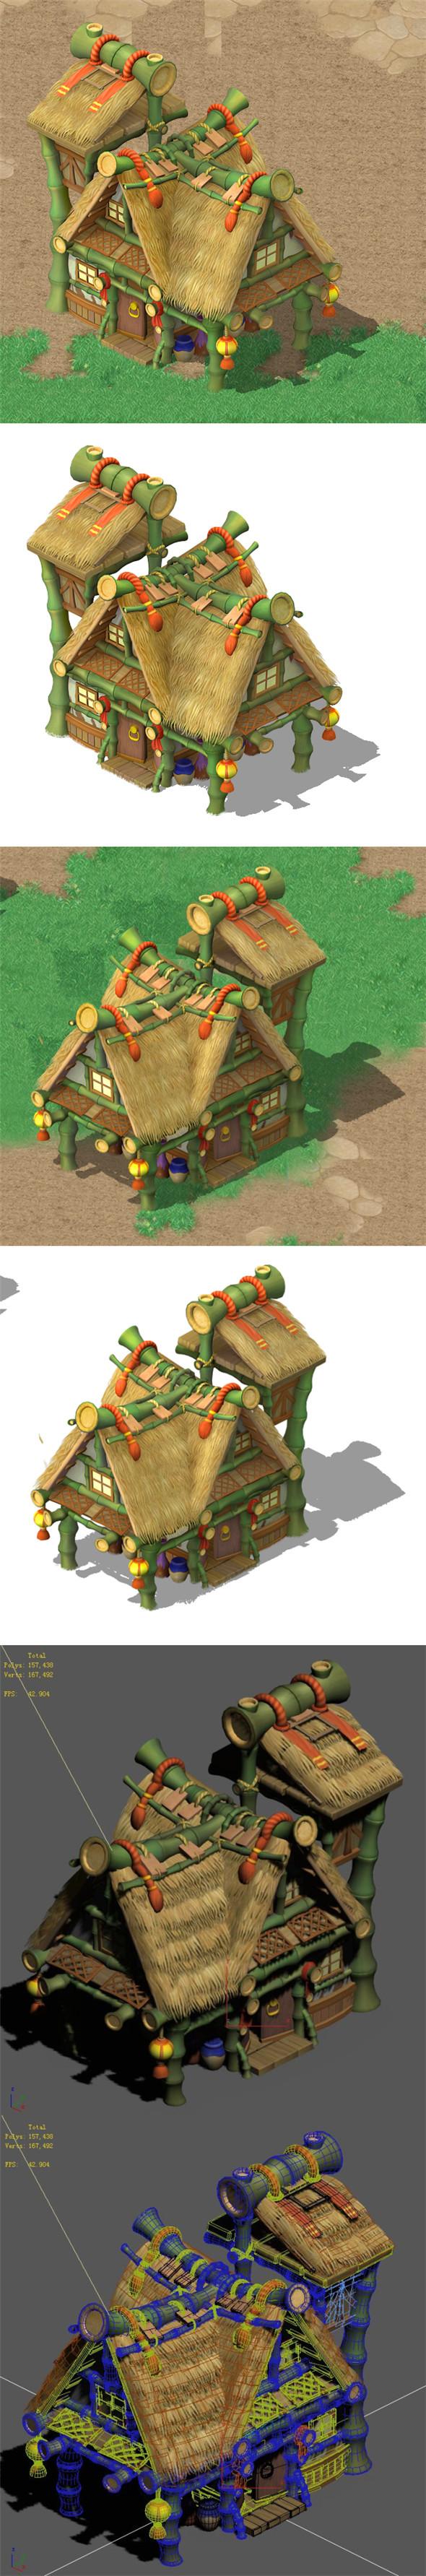 Cartoon World - House 02 - 3DOcean Item for Sale